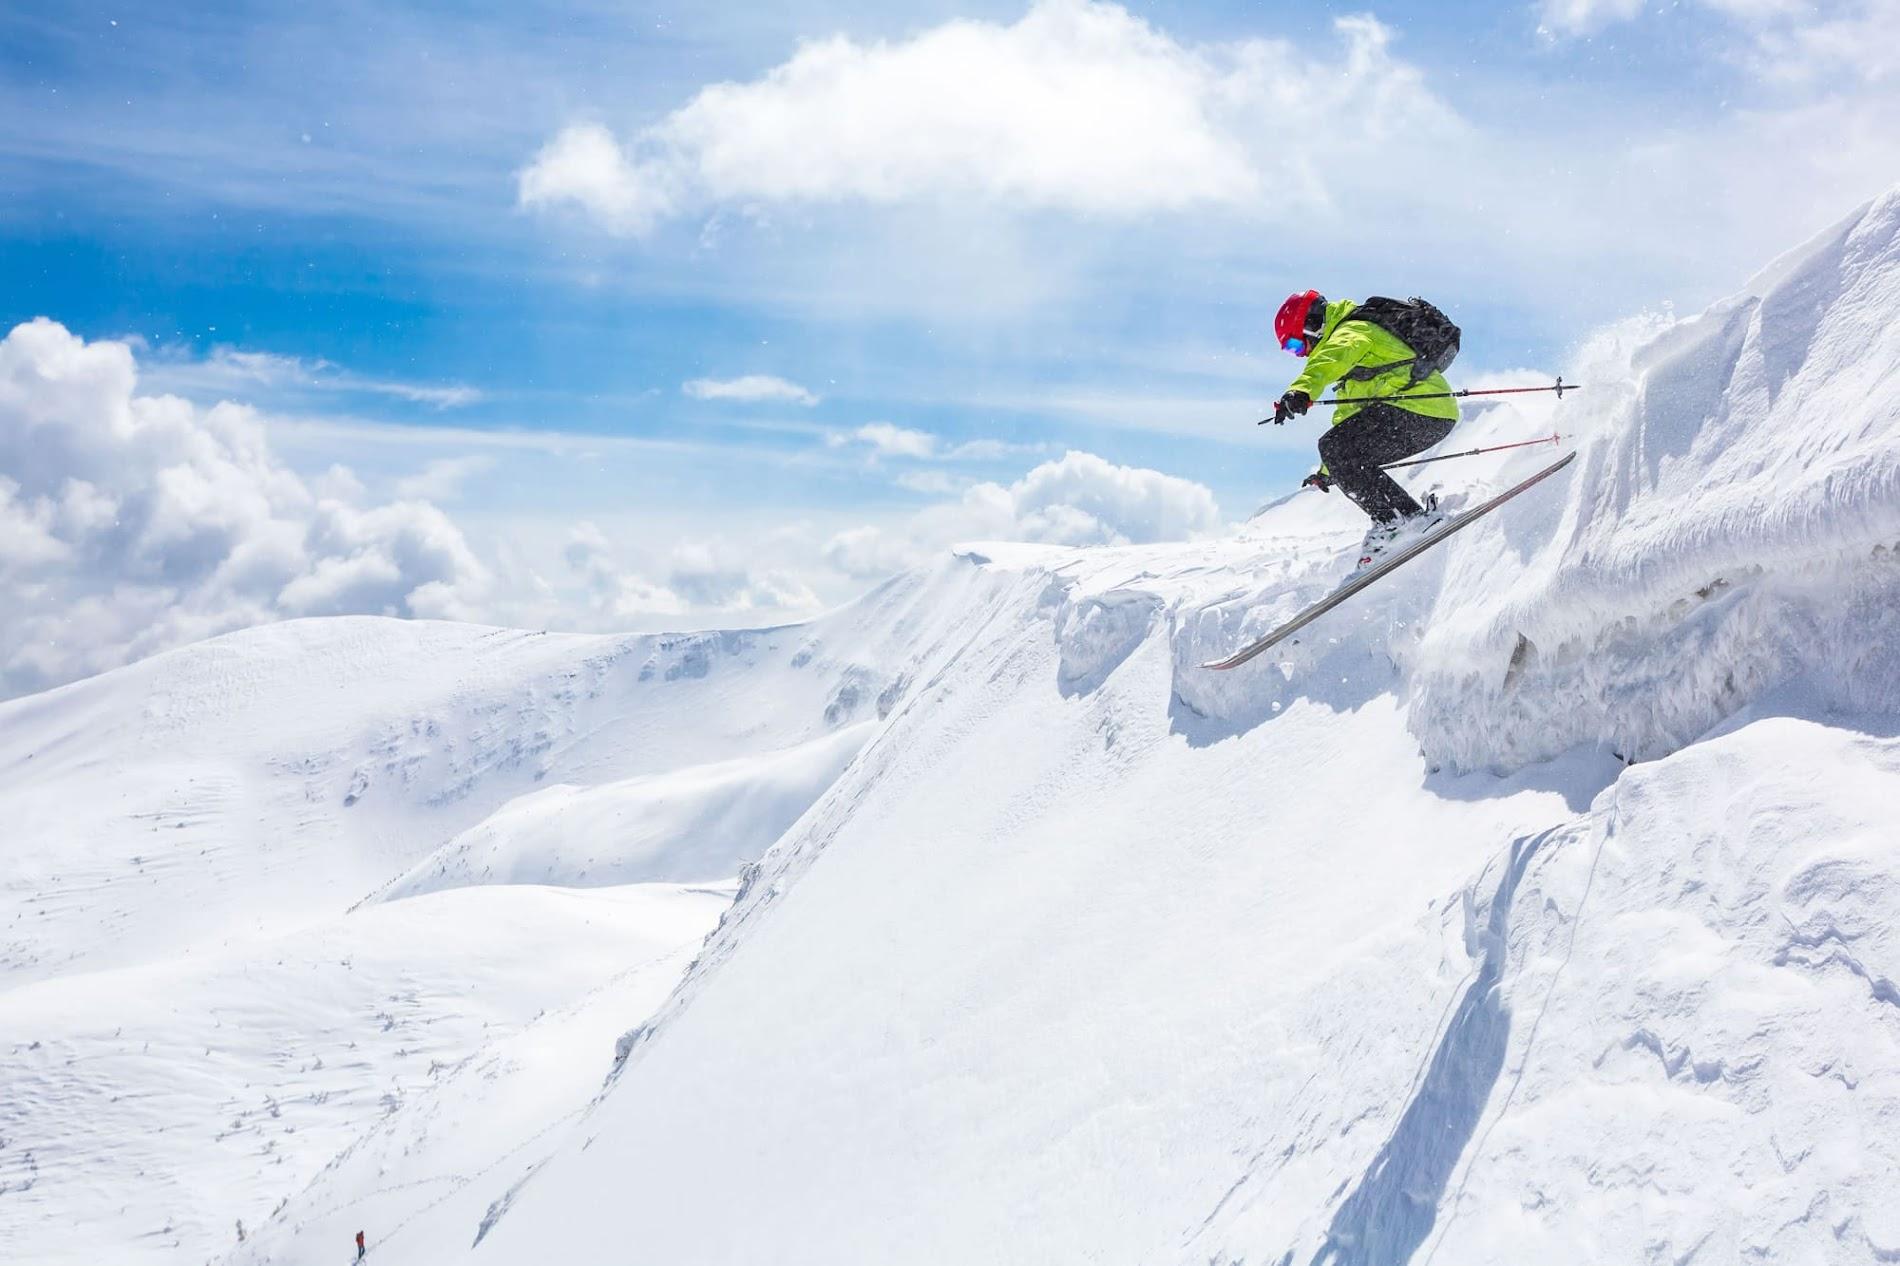 fal fa-skiing